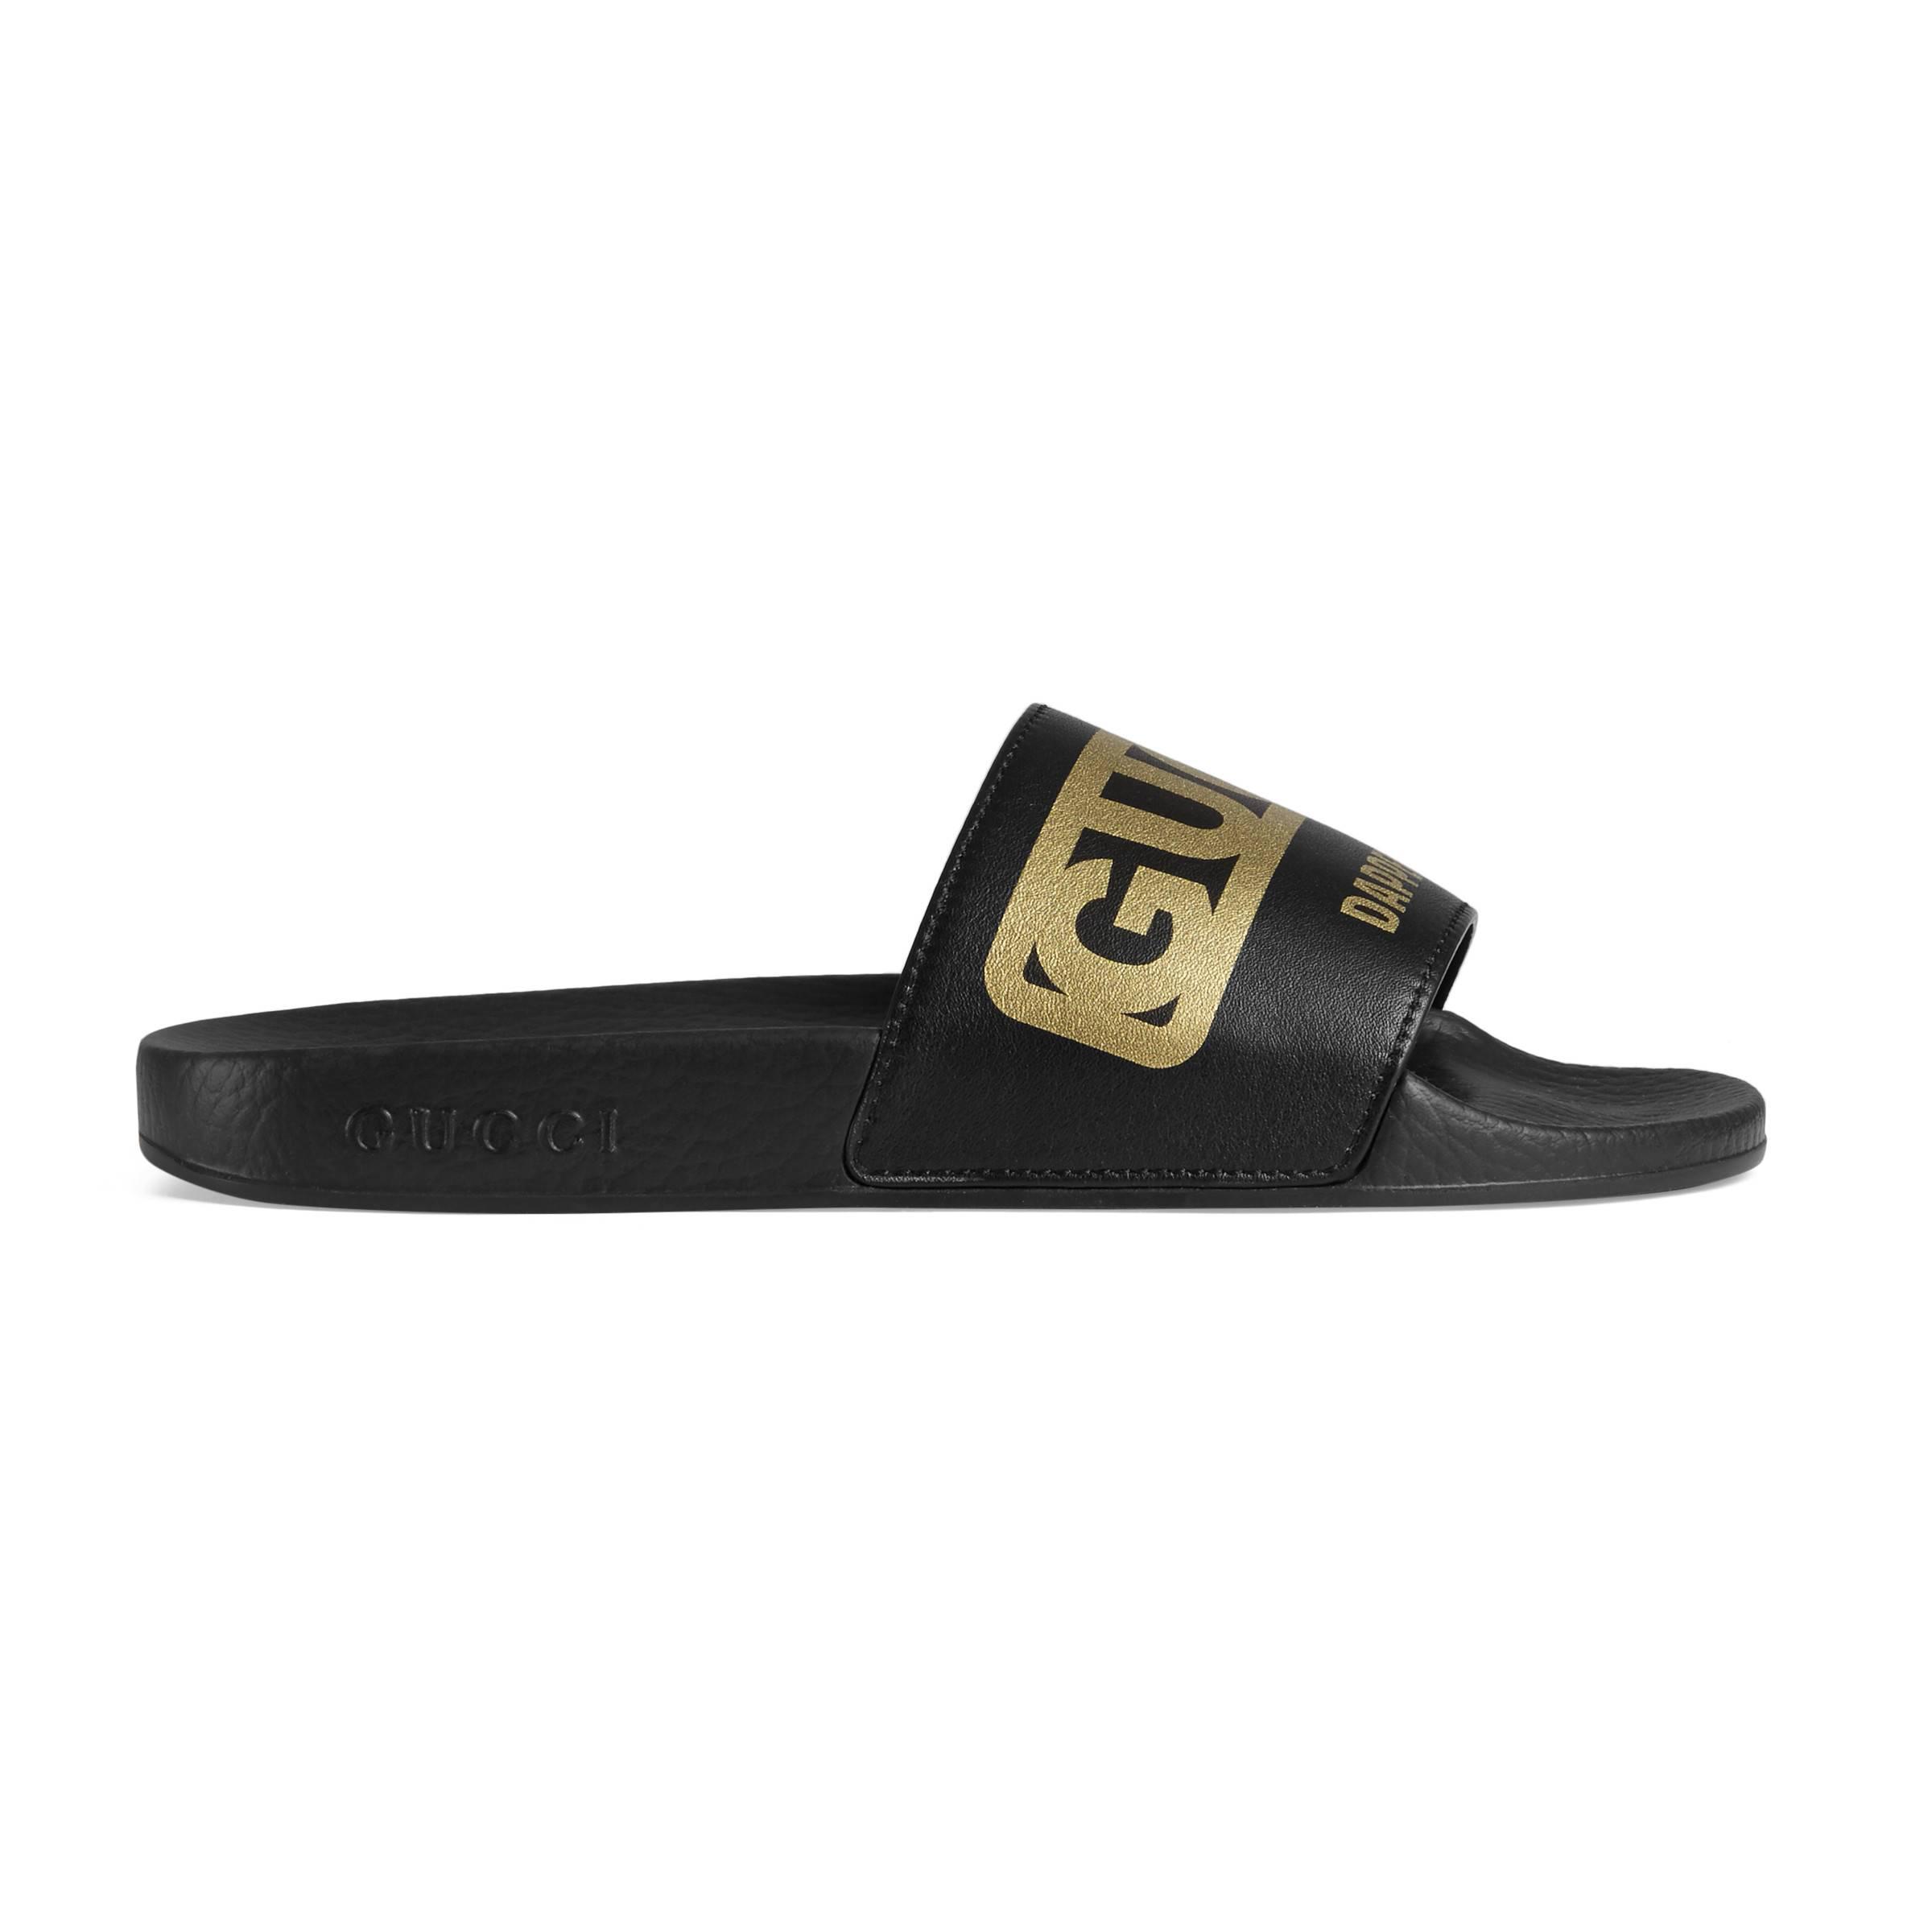 48b3dbf3b Gucci Women s -dapper Dan Slide Sandal in Black - Lyst